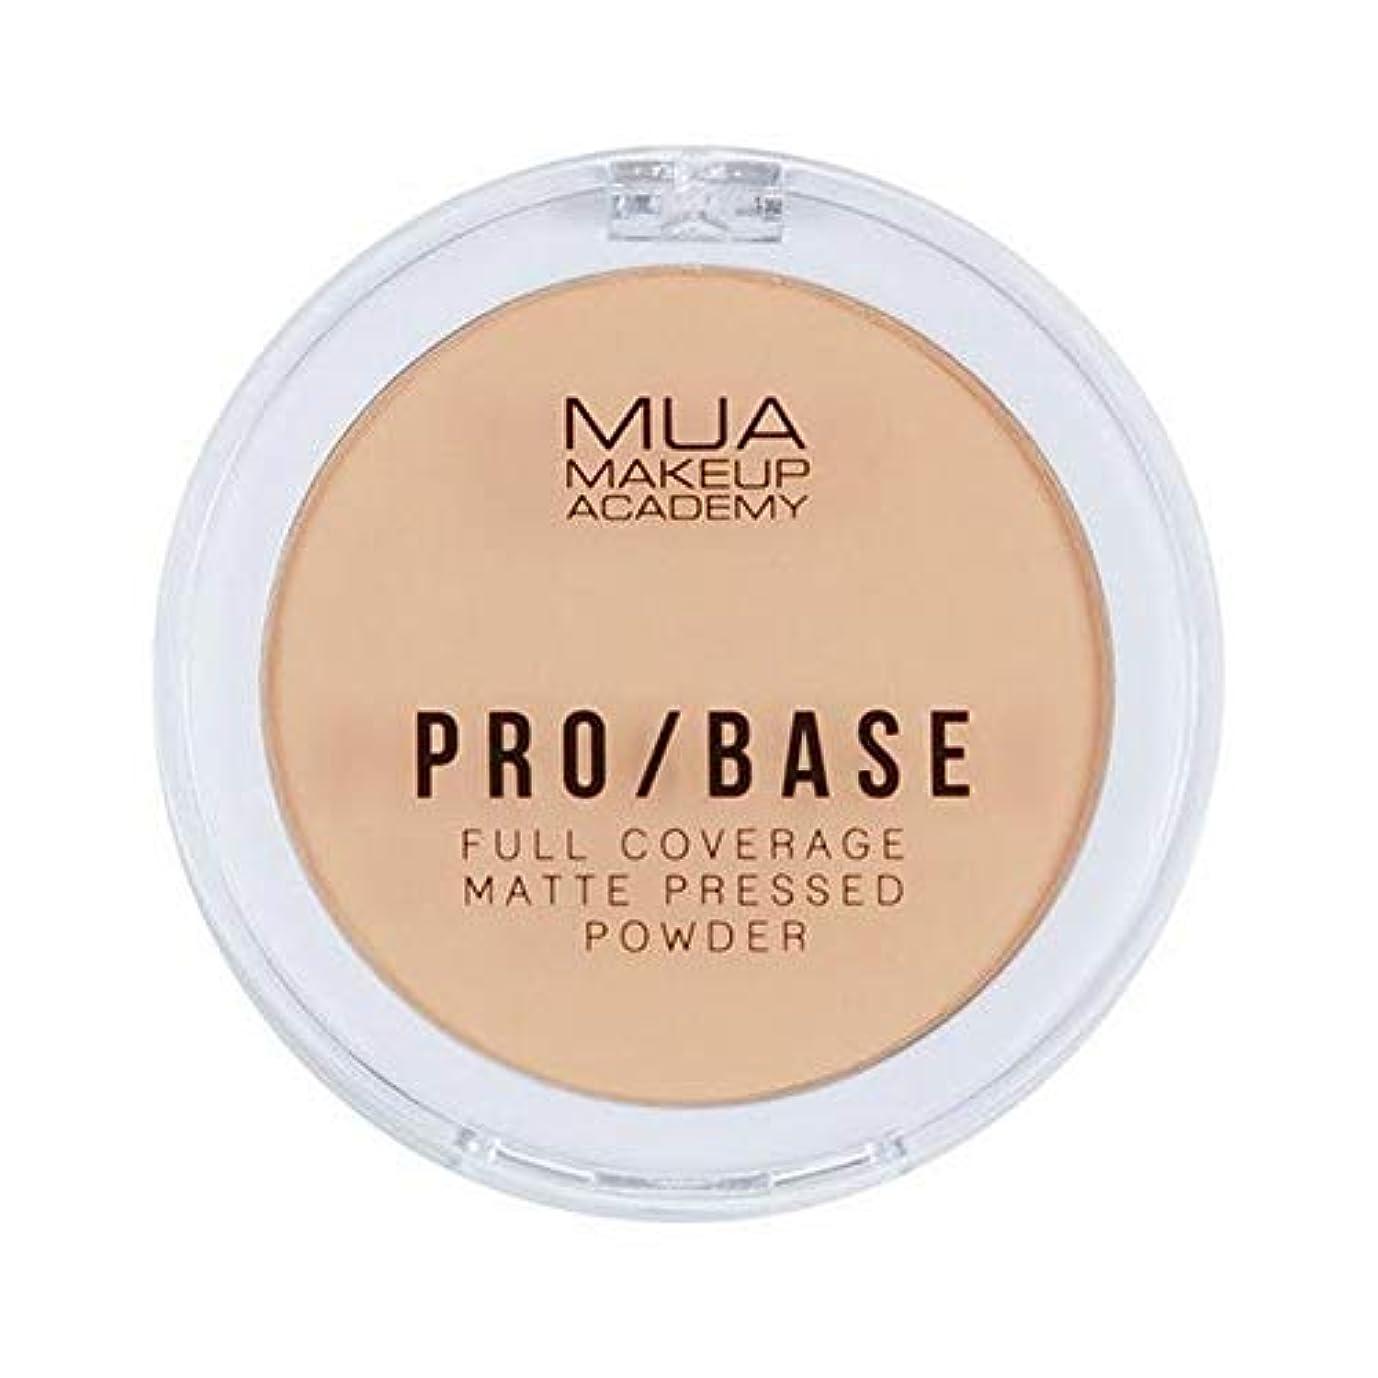 骨髄合理的ウガンダ[MUA] Mua Pro/ベースフルカバレッジマット粉末#120 - MUA Pro/Base Full Coverage Matte Powder #120 [並行輸入品]